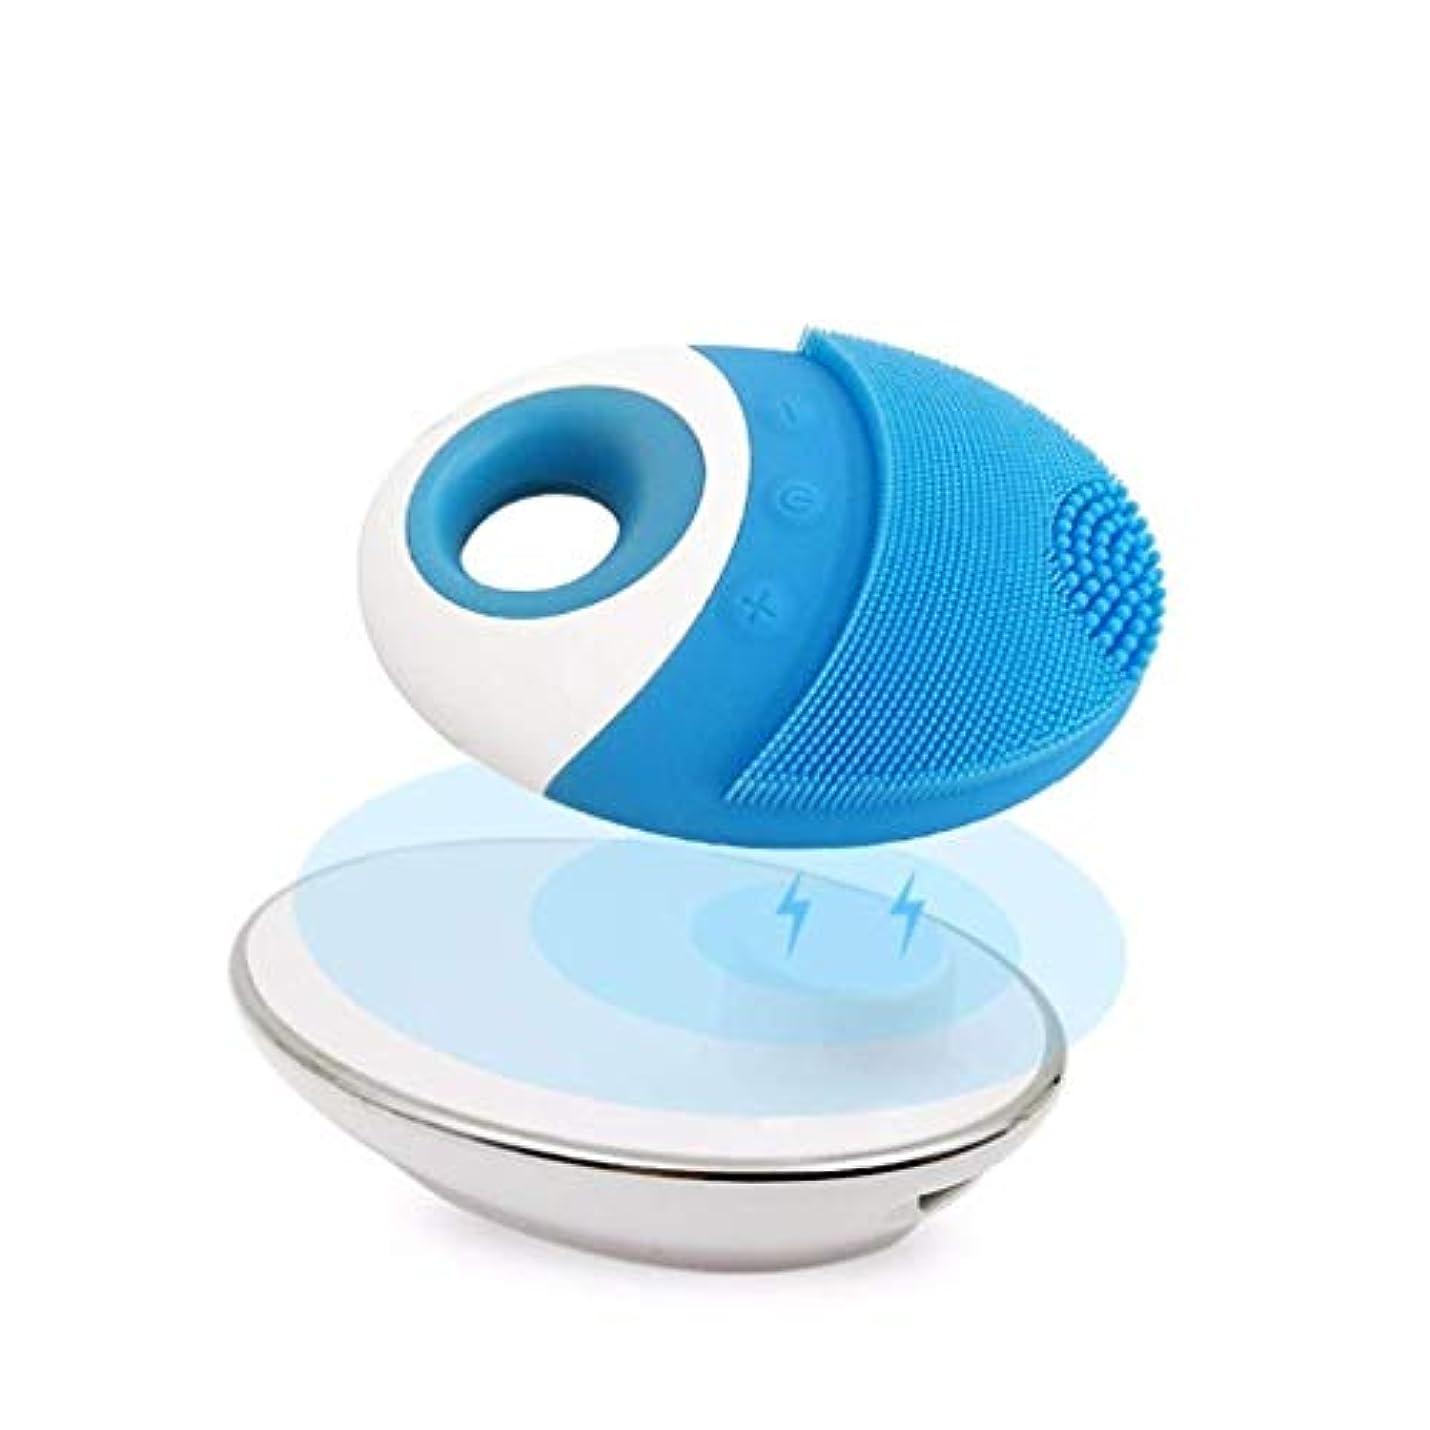 開梱脚ぐるぐるクレンジング楽器、IPX 8防水充電式シリコーンクレンジングブラシ、ディープクレンジングブレッドマッサージ、毛穴の改善、太く鈍い